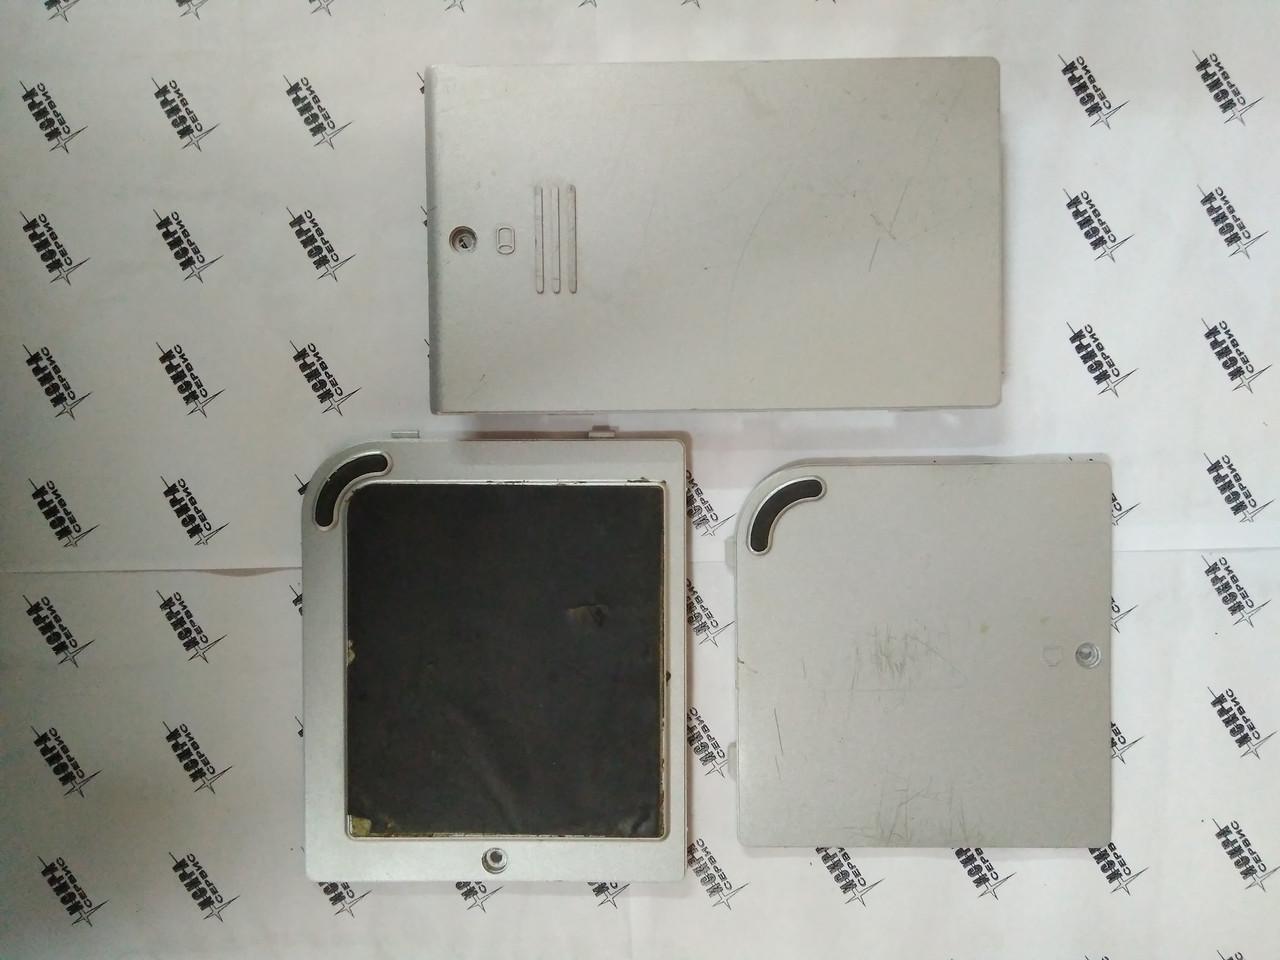 Крышки отсеков жесткого диска, оперативной памяти для ноутбука HP Compaq Presario 1500